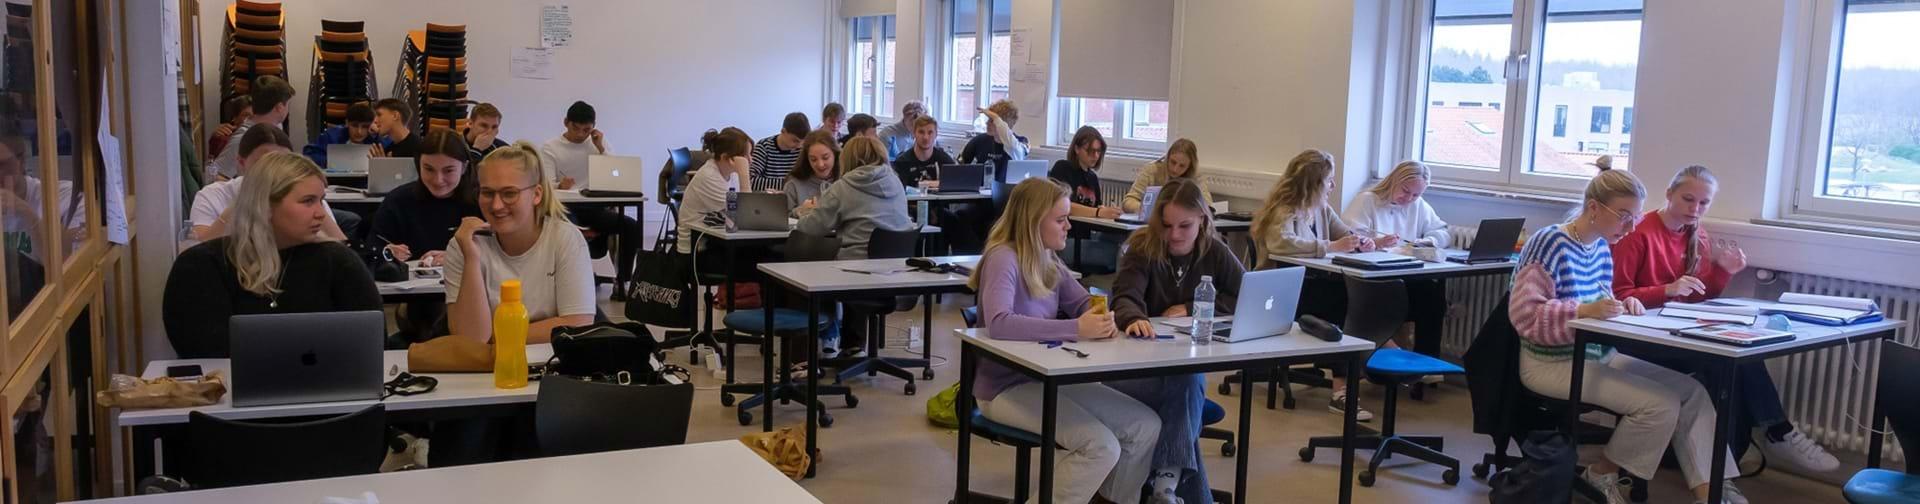 Klasselokale med elever som er i gang med gruppearbejde